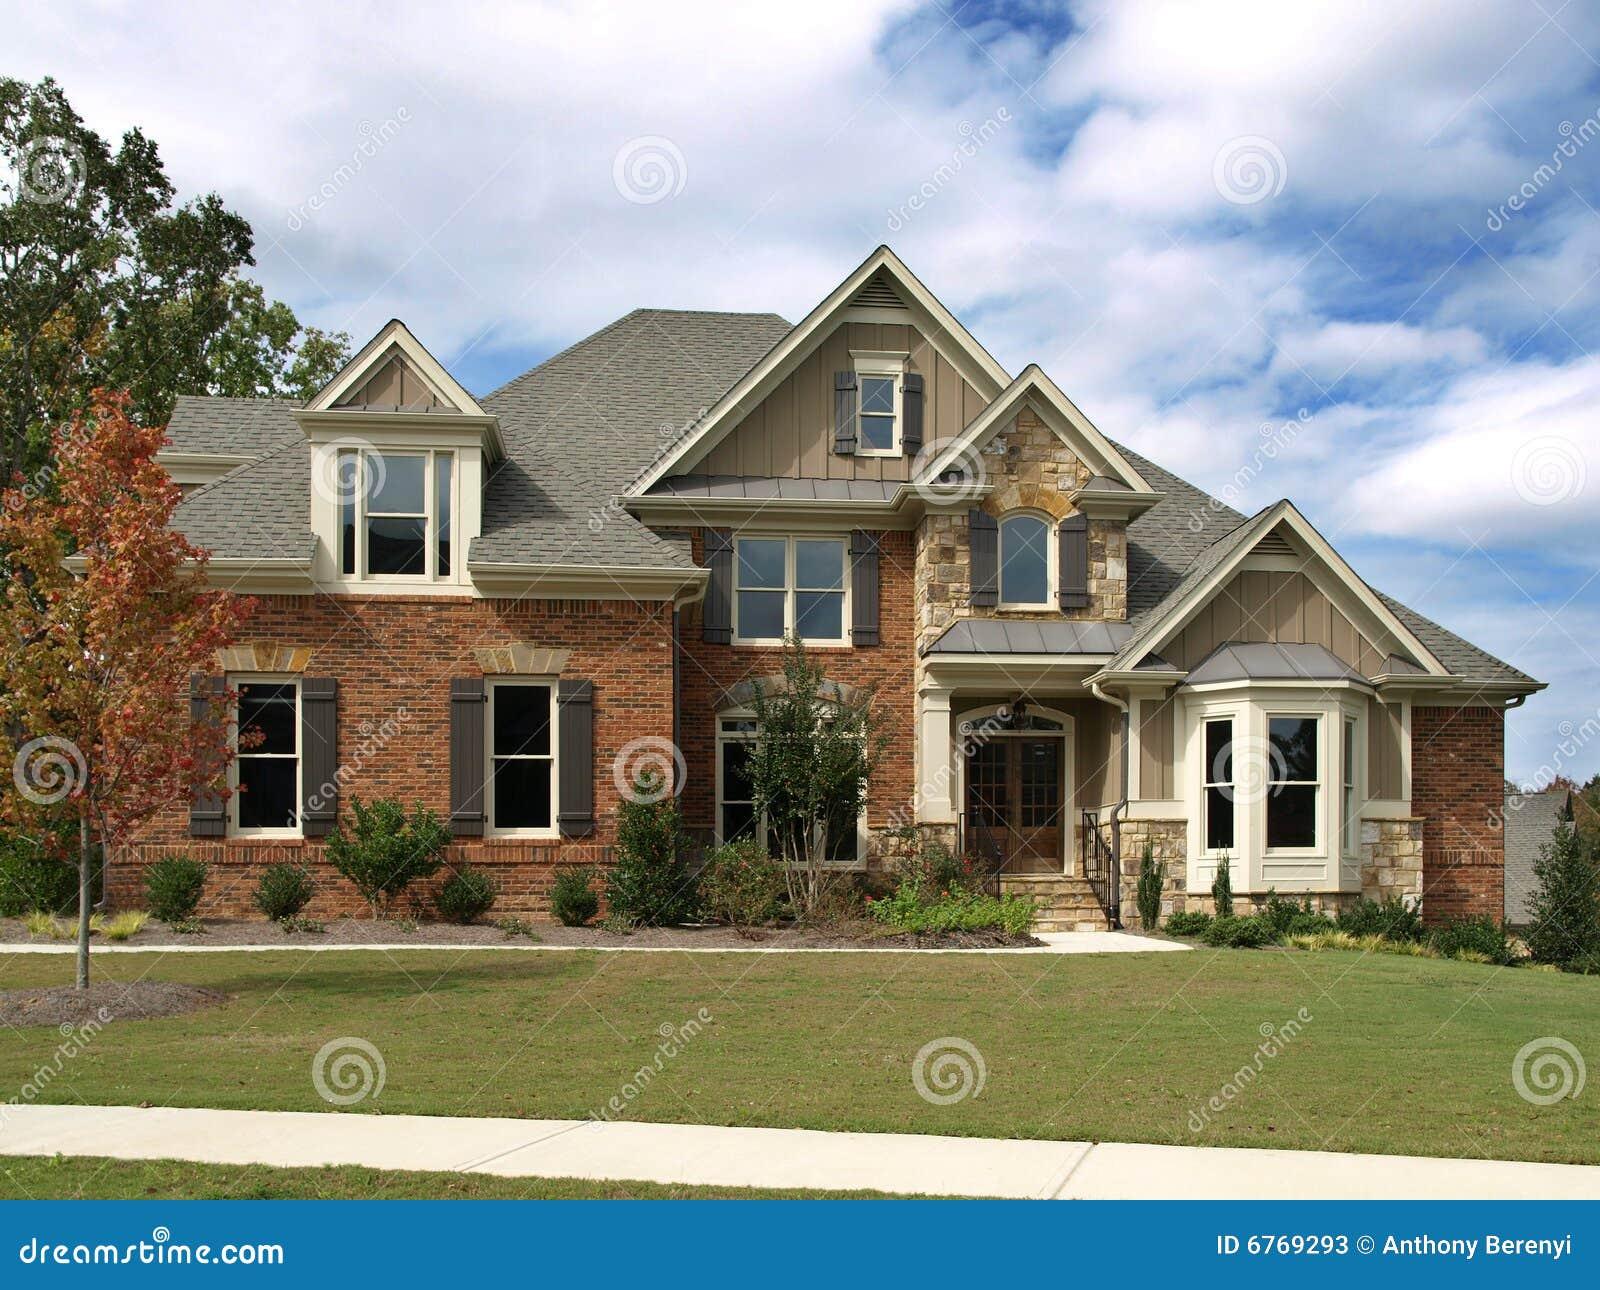 Maison mod le de luxe idyllique photos stock image 6769293 for Modele de maison de luxe